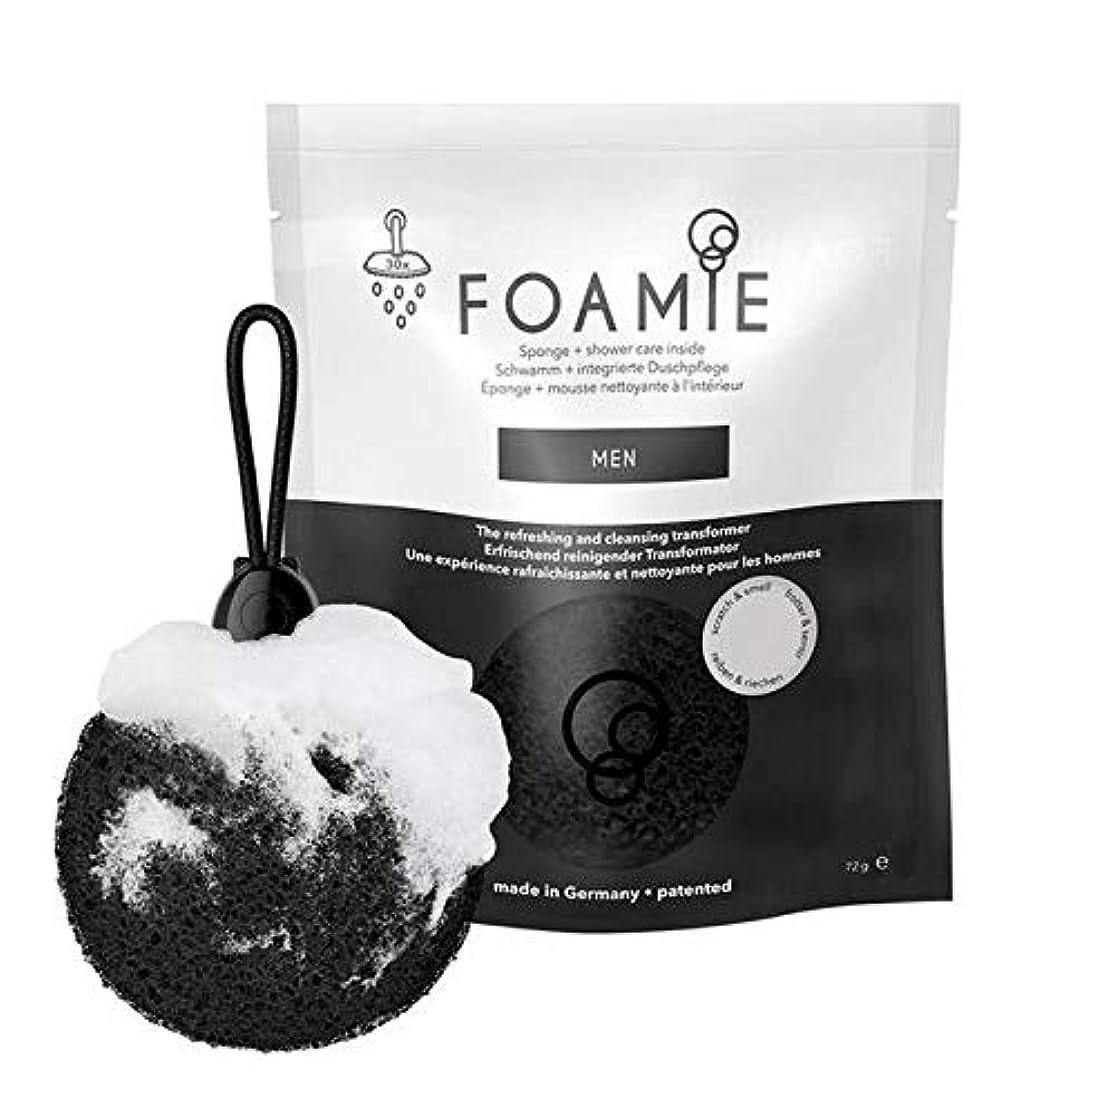 翻訳理容師修道院[Foamie] Foamieメンズスポンジ&ボディウォッシュ - Foamie Men's Sponge & Body Wash [並行輸入品]